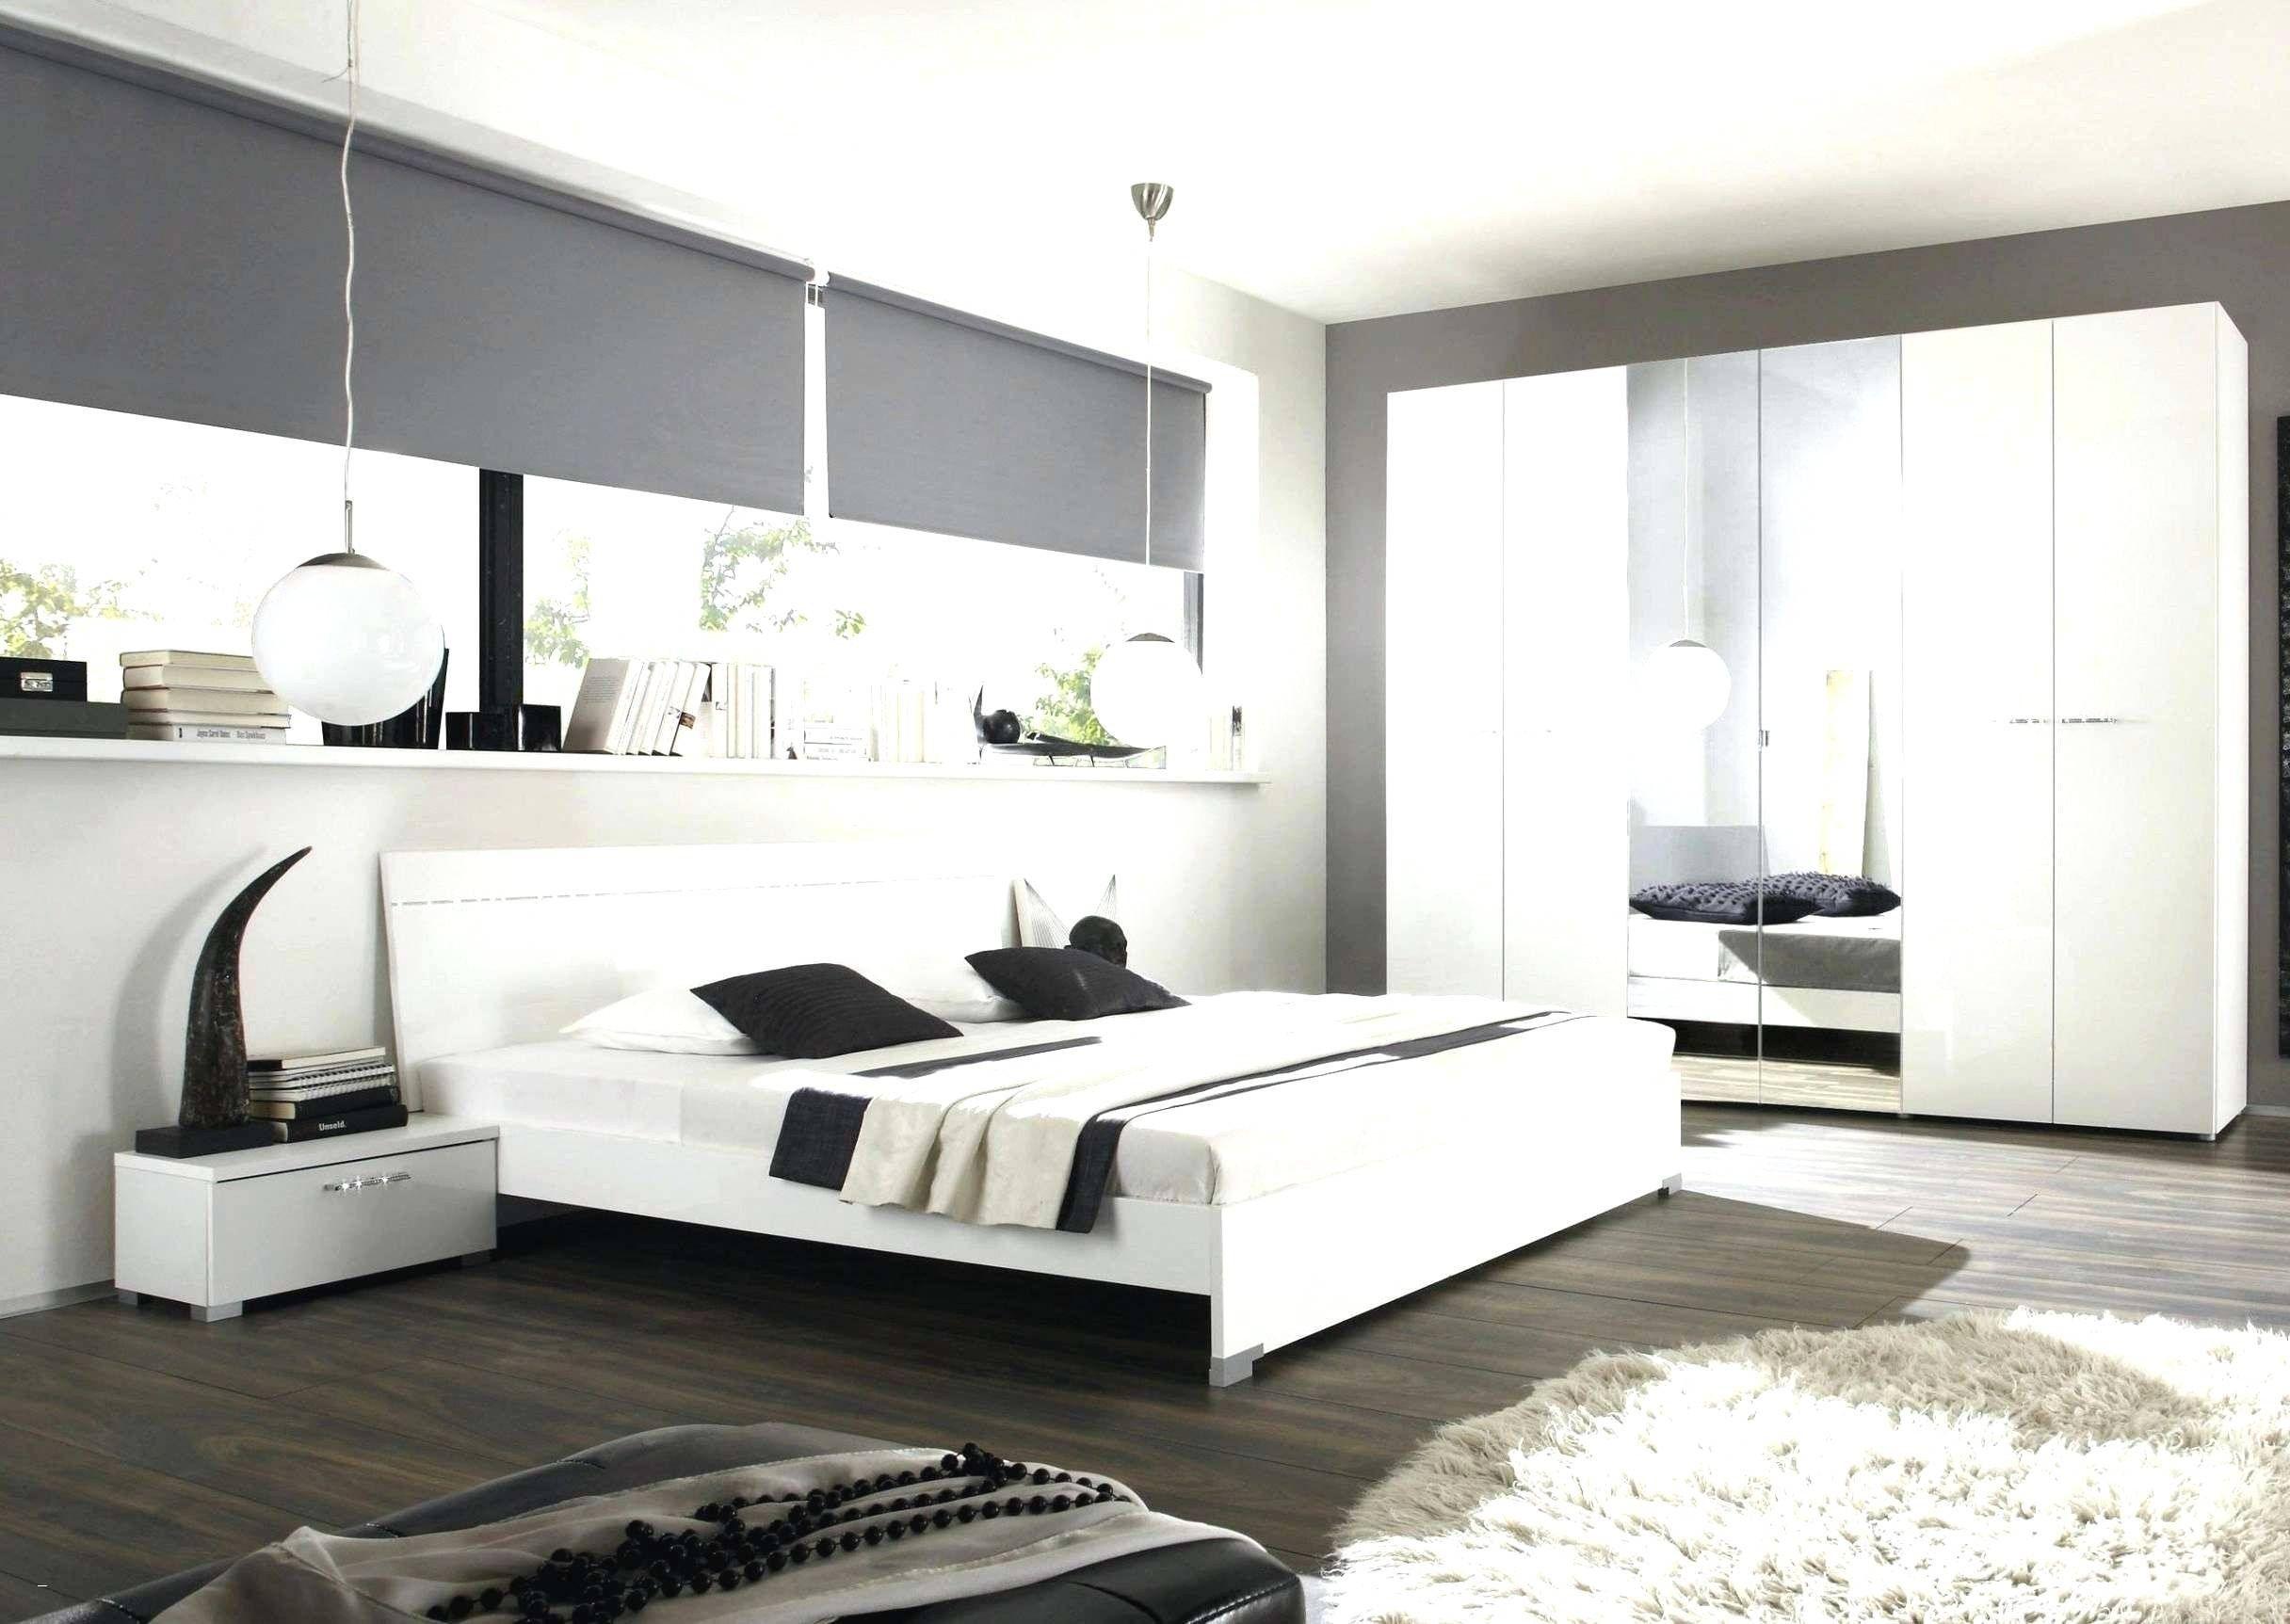 Wohnideen Schlafzimmer Farbgestaltung | Schon Wohnideen Lampen ...